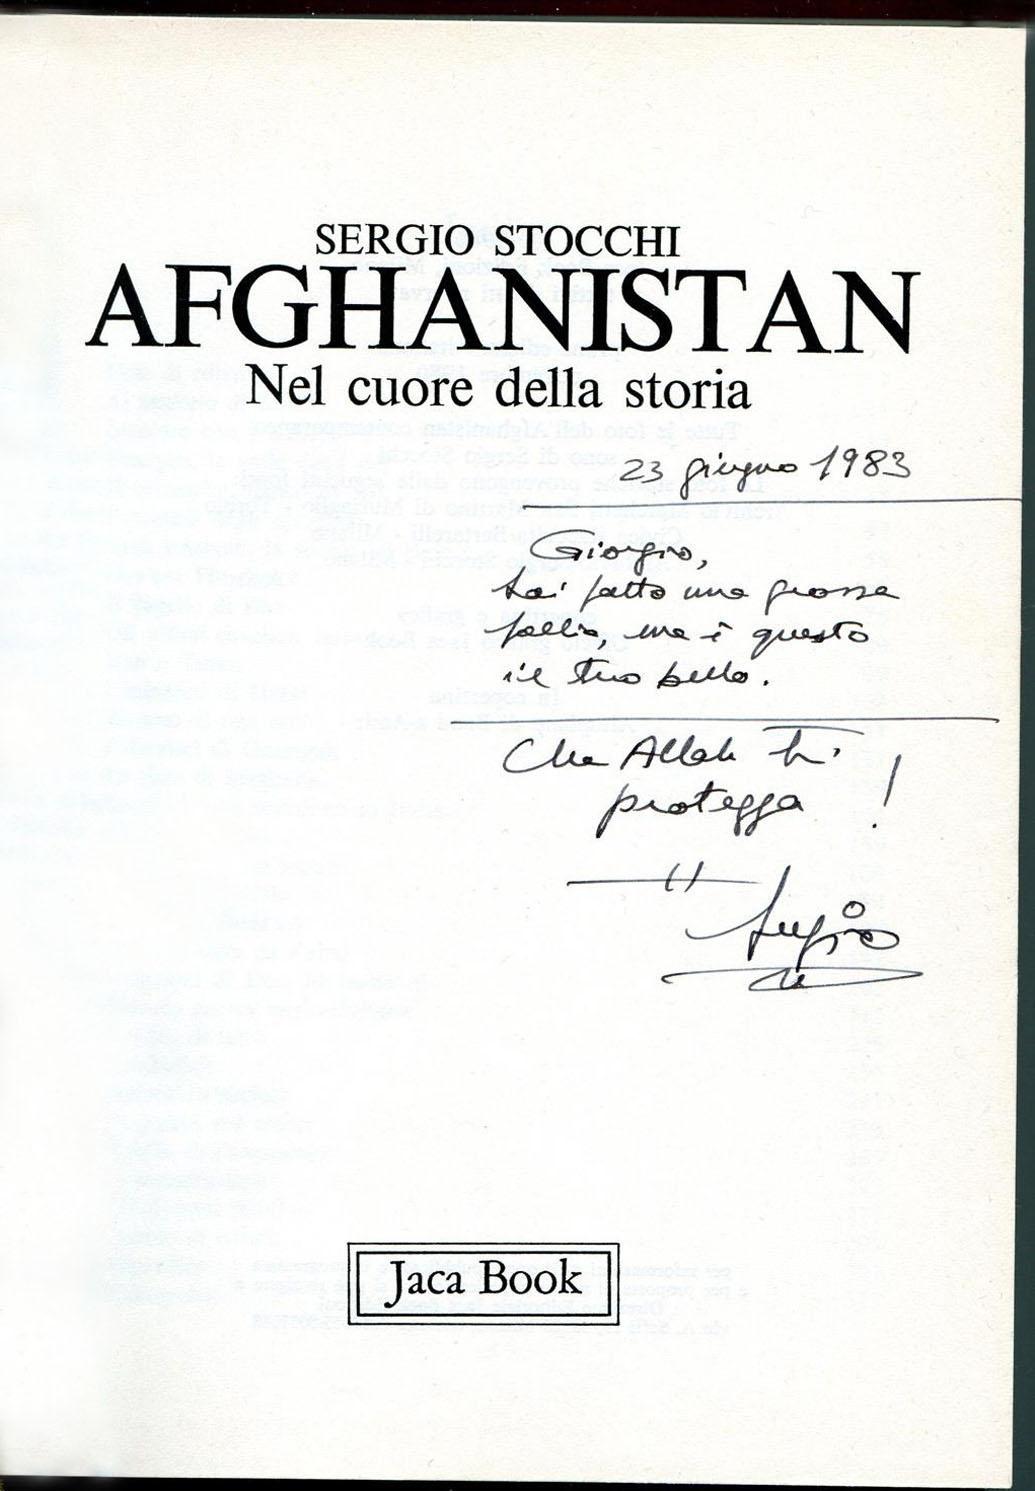 La dedica che Sergio Stocchi mi fece, nel 1983.